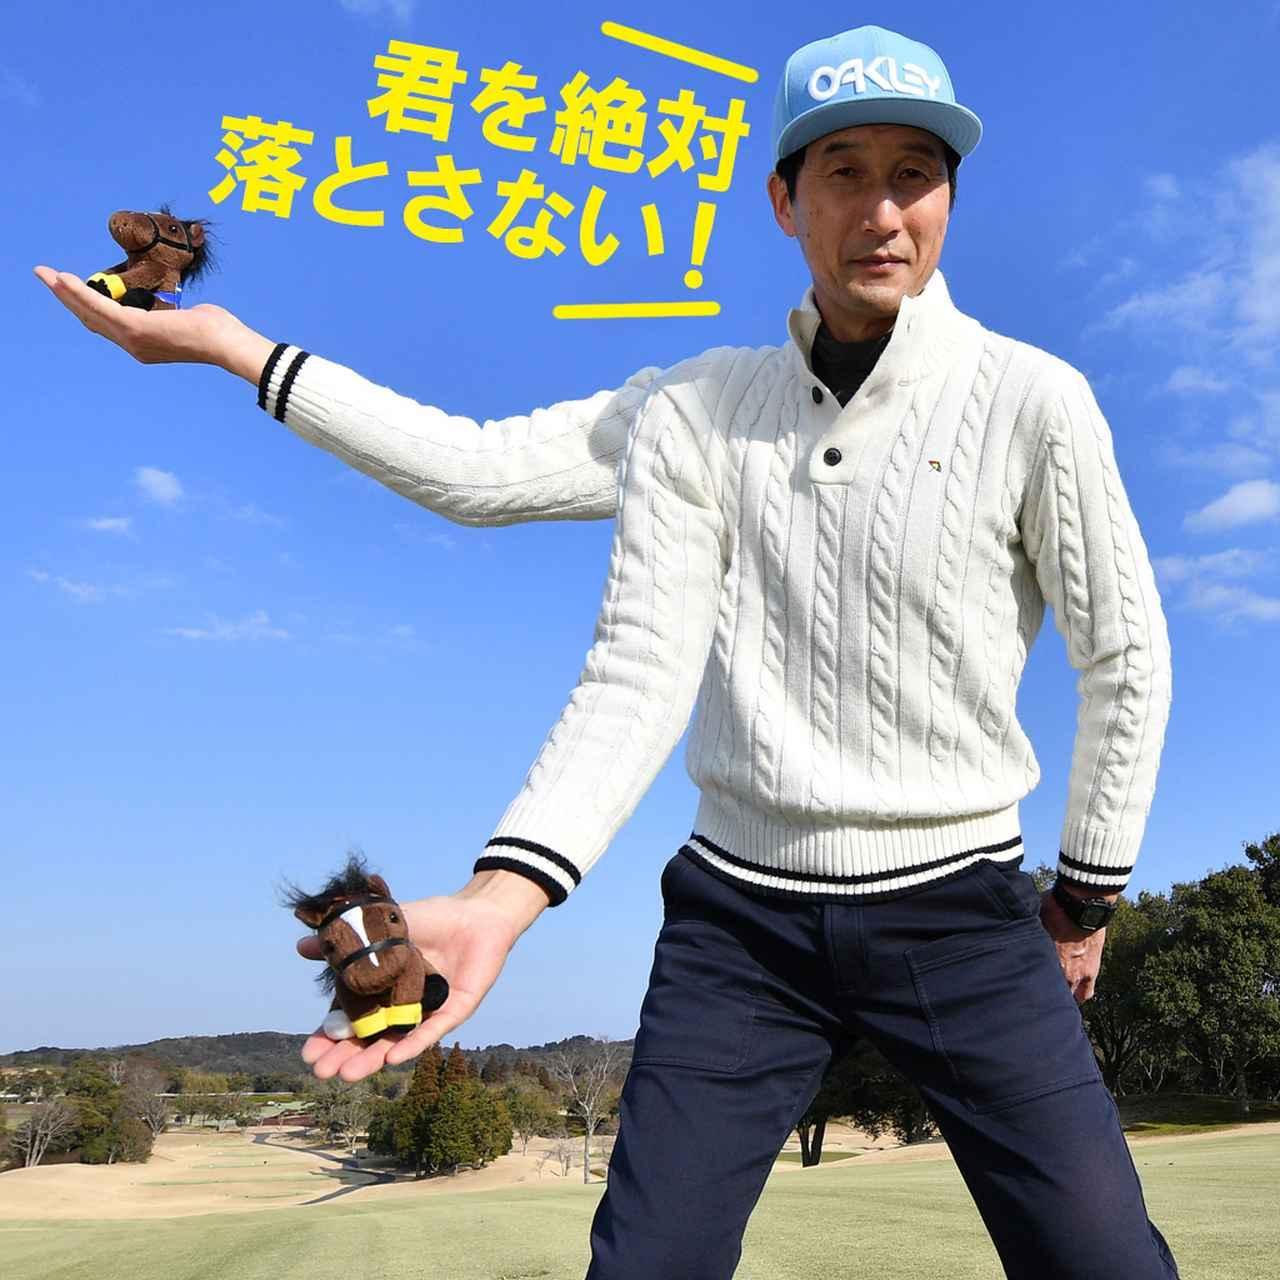 画像: トップから右腰まで、手のひらは上を向いている。手のひらのぬいぐるみが落ちないように腕を下ろす。フェードを打つには、手のひらの返しを我慢することが重要